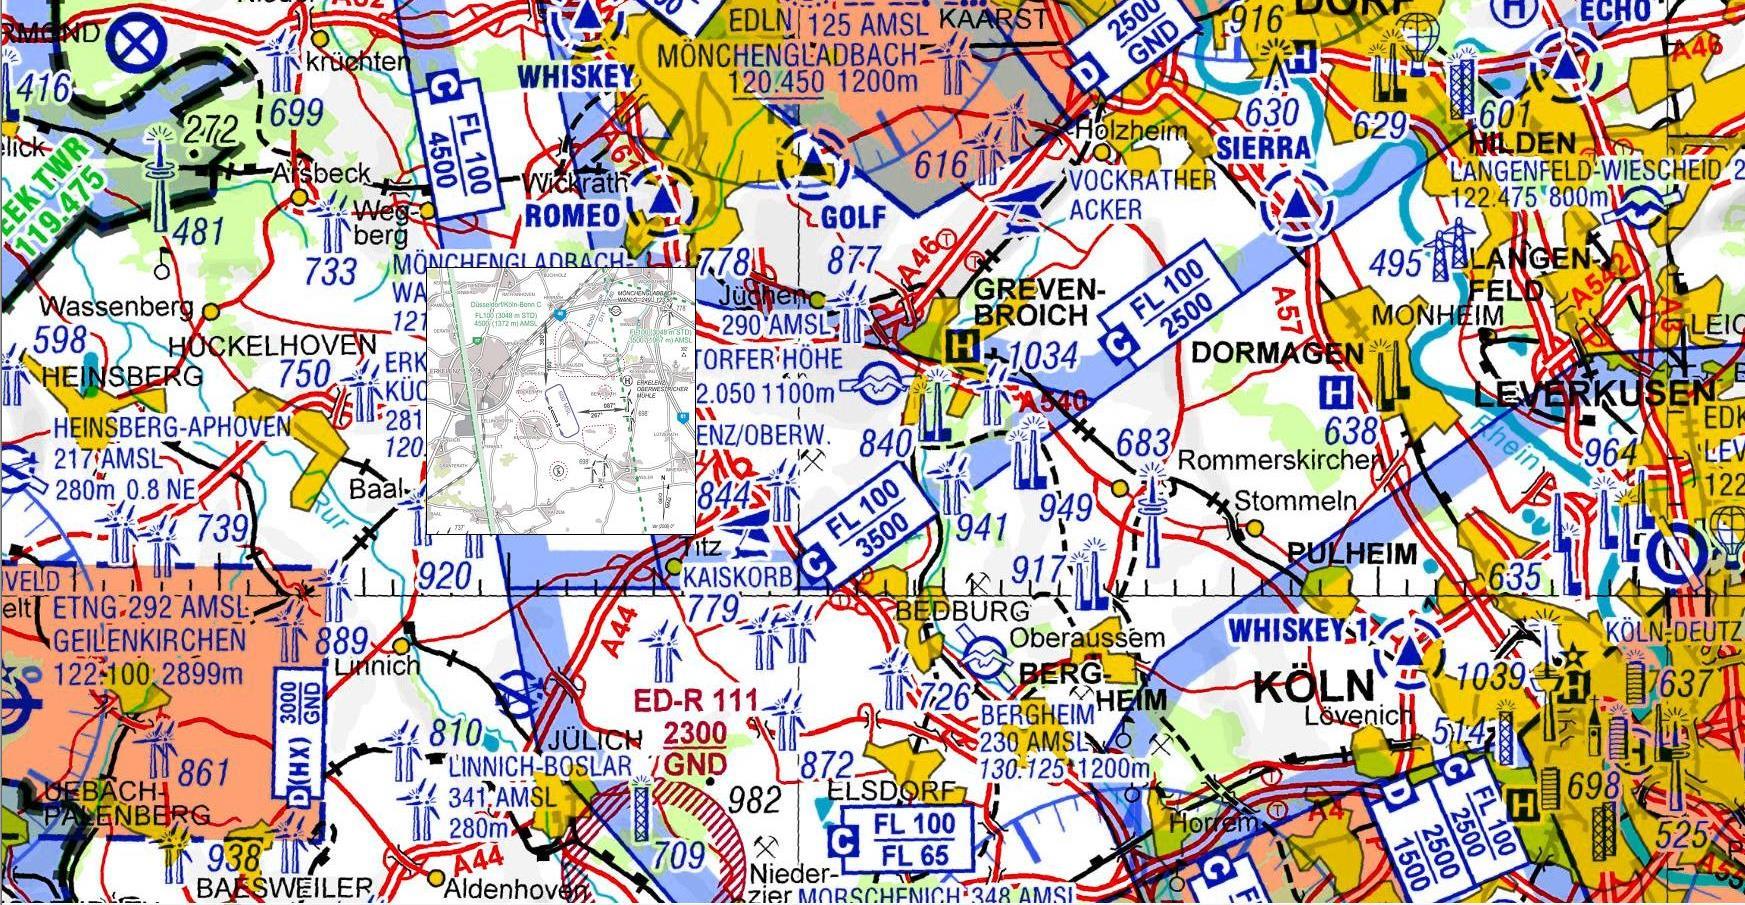 FlyMap Kückhoven